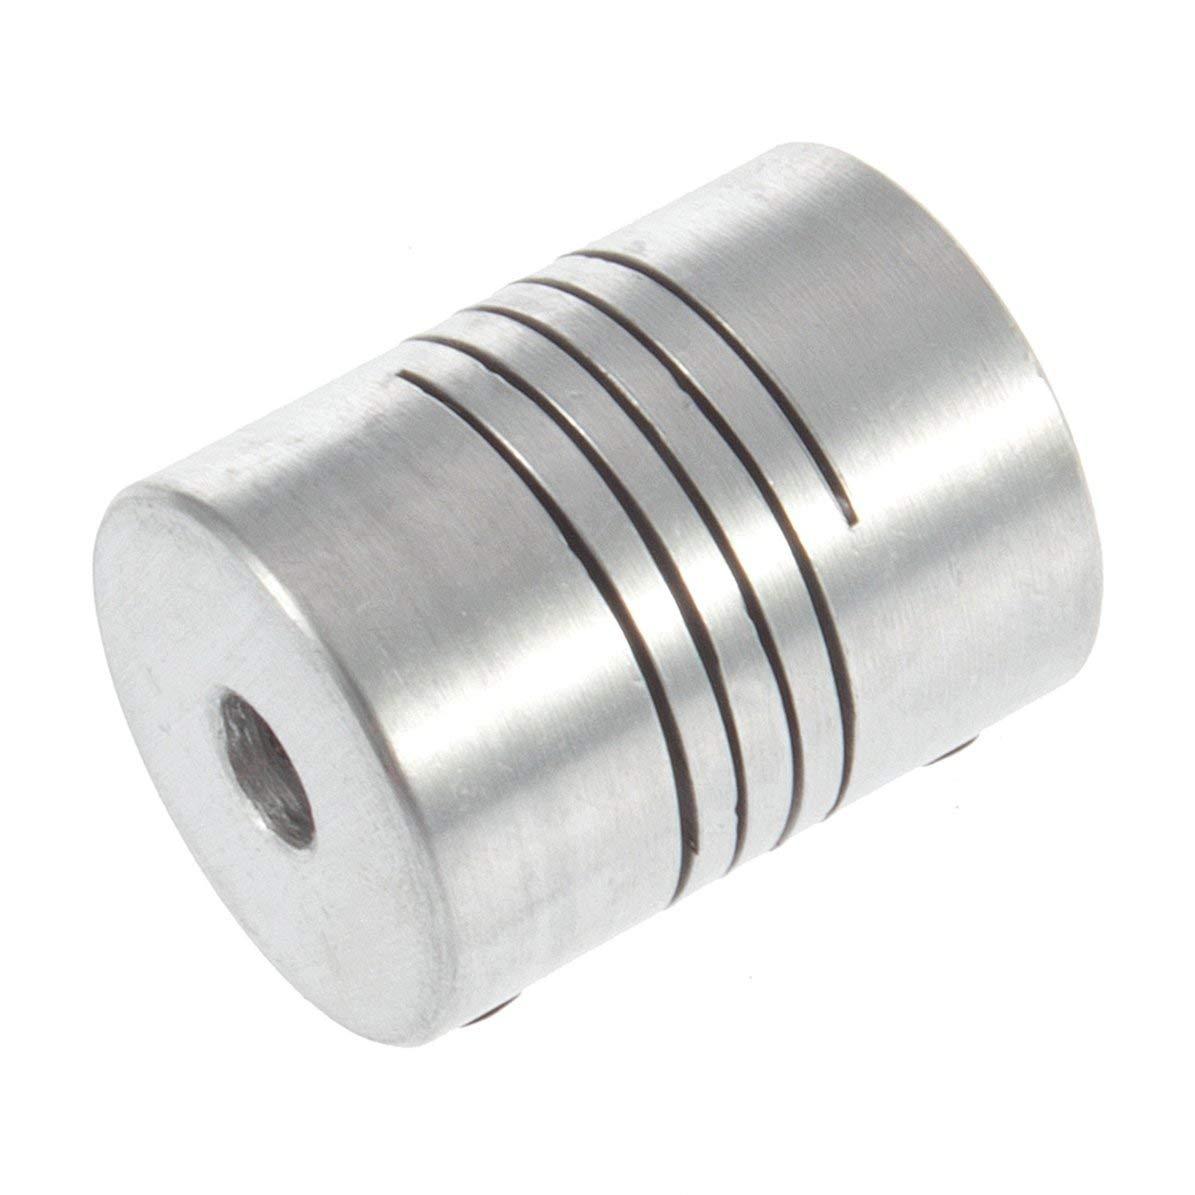 Accoppiatori/giunti per albero flessibile Hot 3D Printer Stepper Motor 5mm * 8mm * 25mm Accoppiatore per albero flessibile Motorcoupling DoMoment